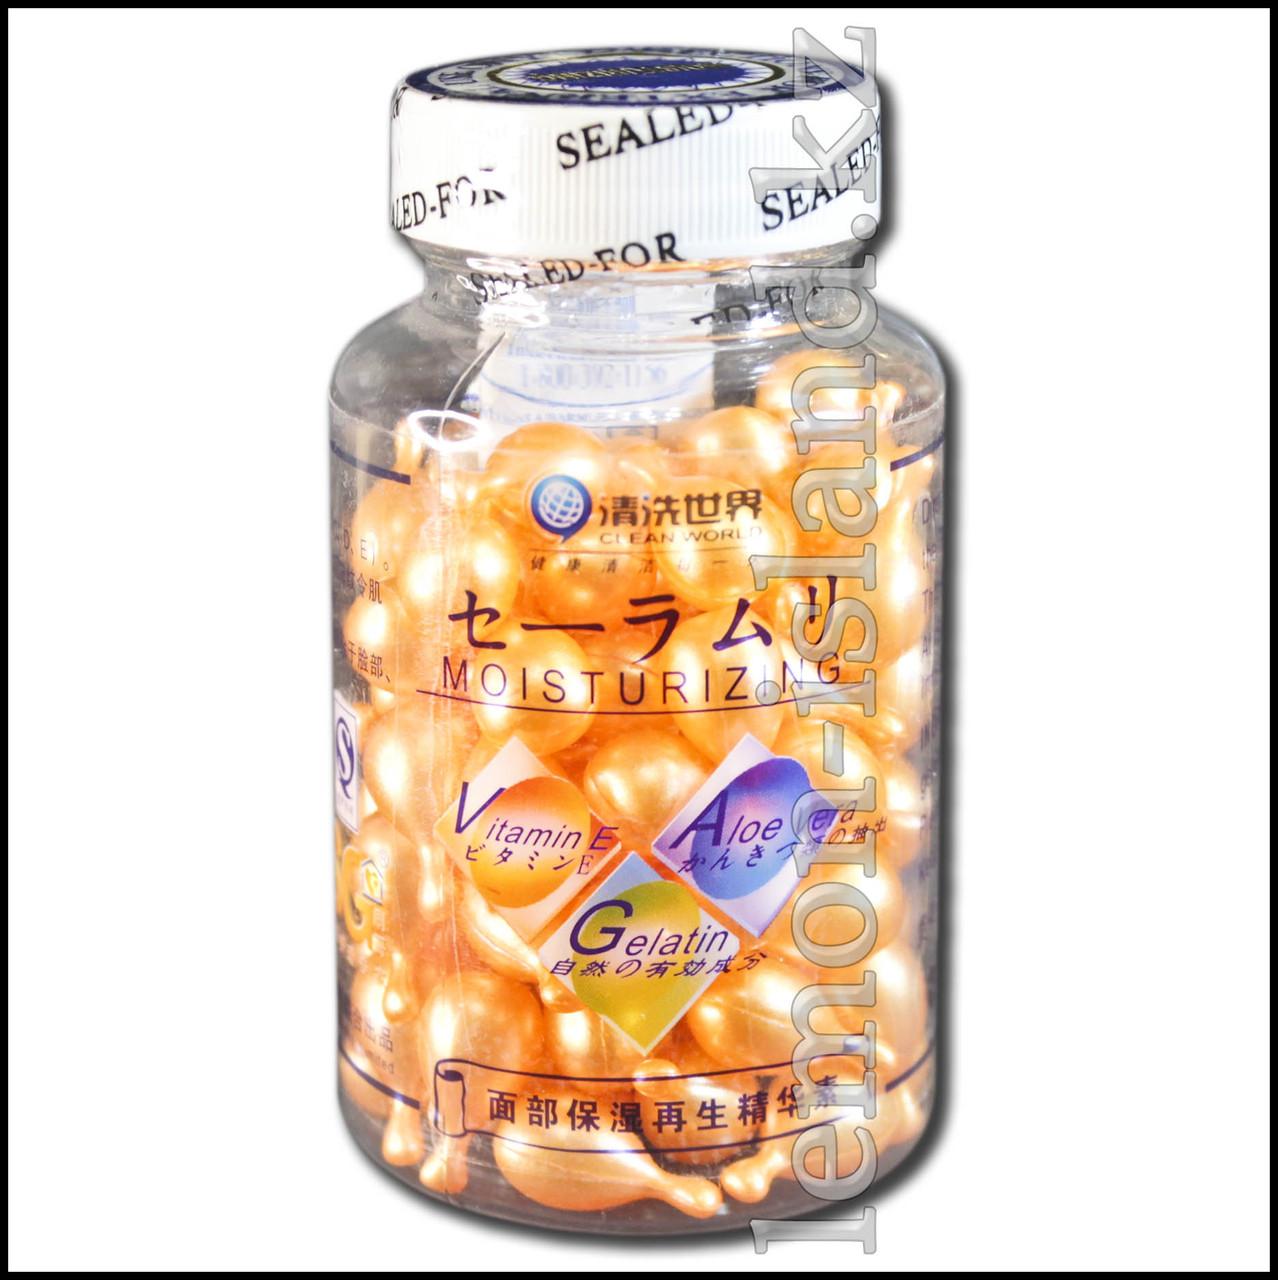 Витамин Е косметический с увлажняющим эффектом.